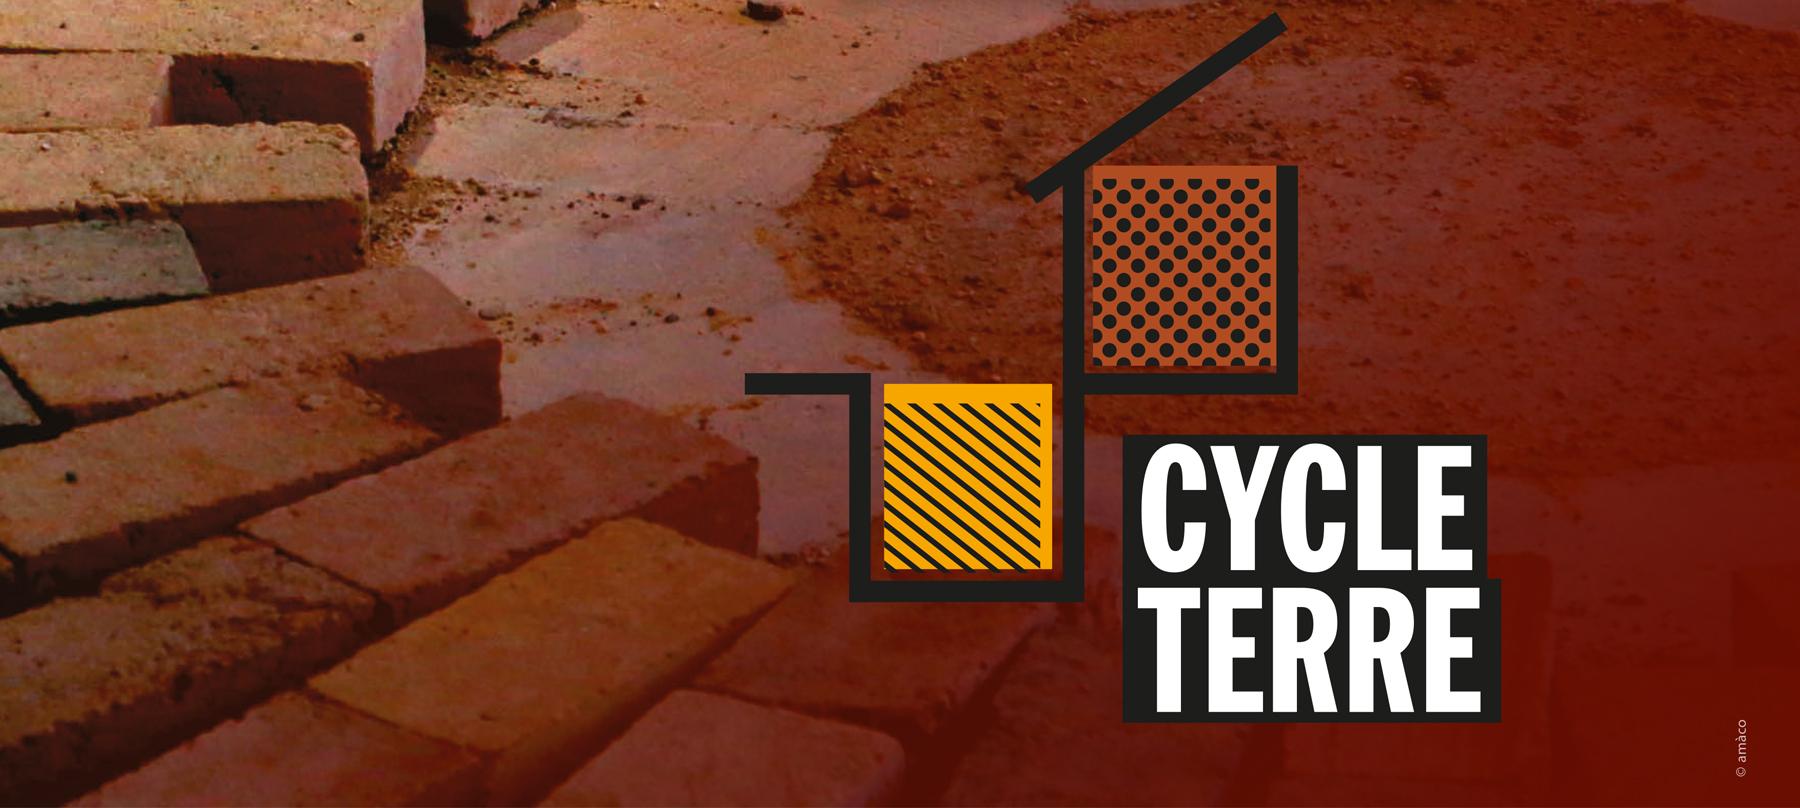 Cycle Terre, recycler les déblais en matériaux de construction en terre